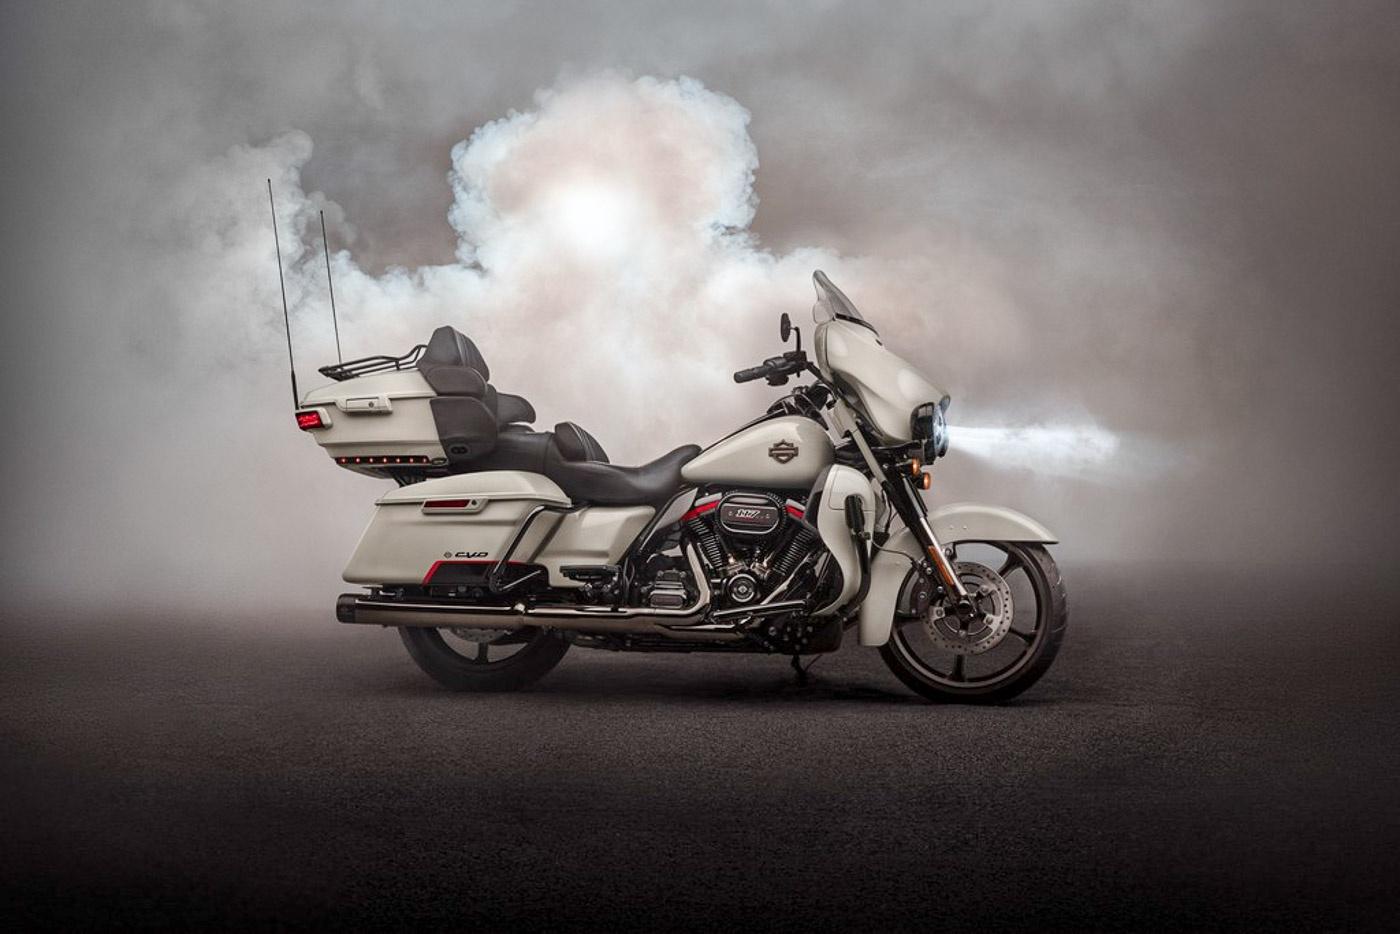 Zeigt die Harley-Davidson CVO Limited Modelljahr 2020